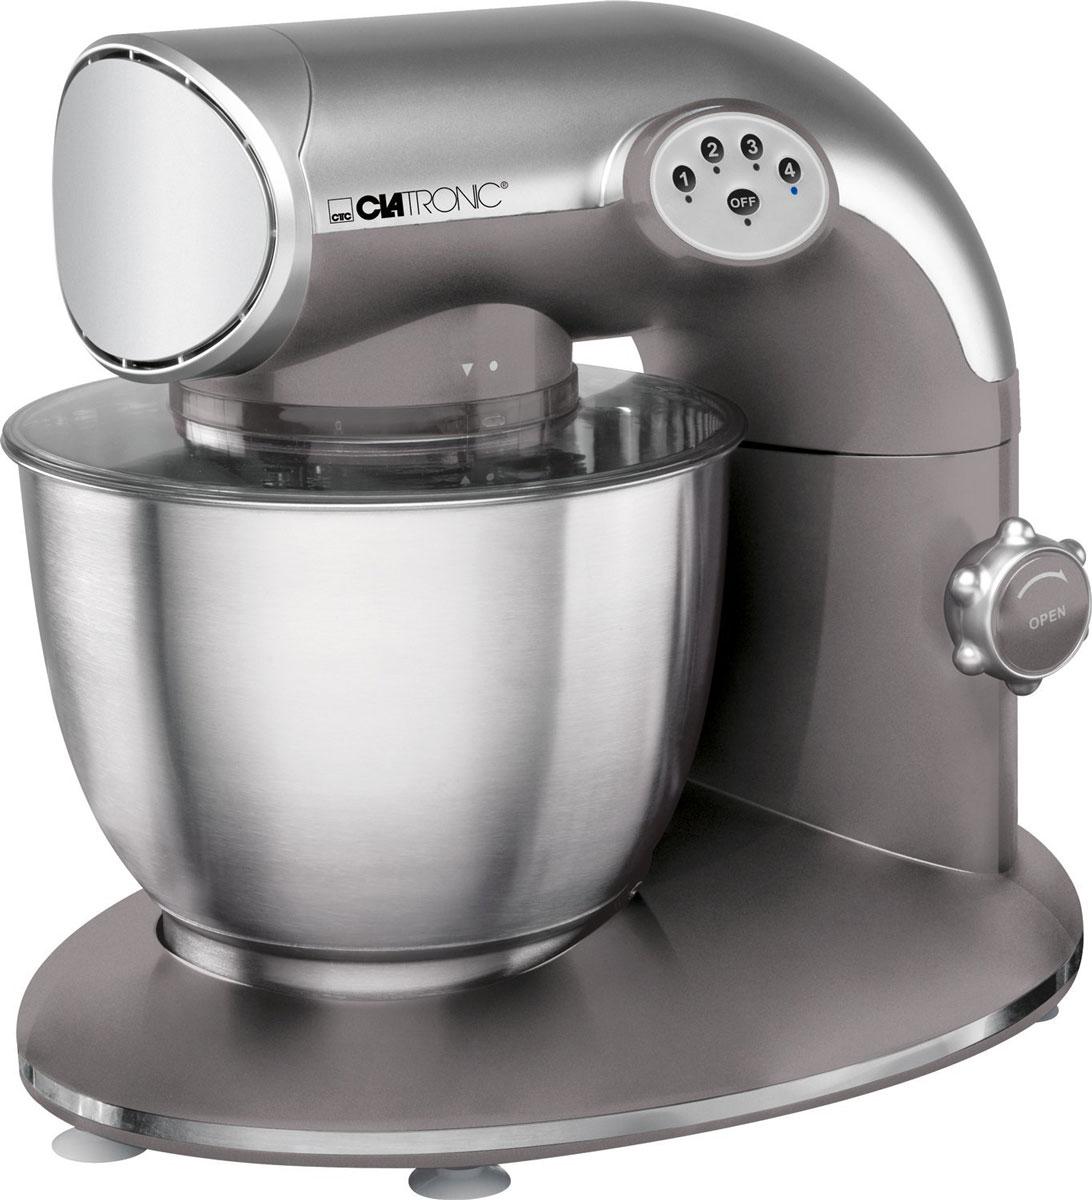 Clatronic KM 3632 Titan, кухонный комбайнKM 3632 titanКухонный комбайн Clatronic KM 3632 станет прекрасным помощником для любой хозяйки С ним вы сможете готовить невероятно вкусные и аппетитные блюда, при этом сократив время их приготовление. Основным назначением прибора является изготовление различных видов теста и кремов. Комбайн качественно и быстро перемешивает различные ингредиенты, что дает возможность избежать комочков.Clatronic KM 3632 снабжен чашей из нержавеющей стали и механической системой управления. 4 скорости замешивания обеспечат наилучший результат.